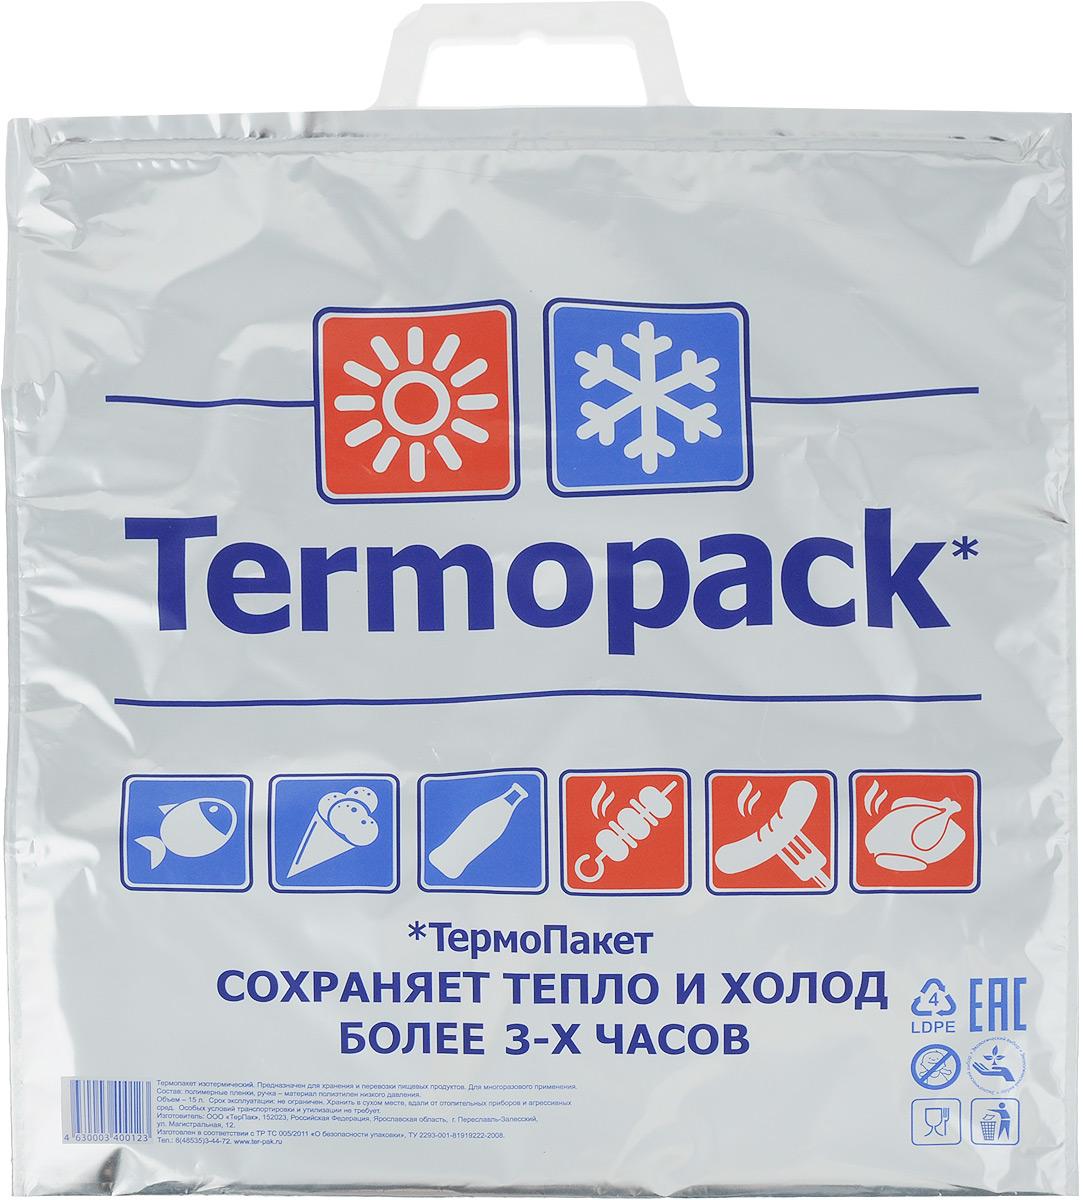 Термопакет ТерПак, цвет: серебристый, 42 х 45 смСПП19429Удобный и практичный термопакет ТерПак многоразового использования изнутри покрыт специальным отражающим материалом и создан для того, чтобы как можно дольше сохранить еду свежей. Пакет предназначен для транспортировки и хранения горячих/холодных продуктов. Пакет сохраняет тепло и холод до трех часов. Надежные пластиковые застежки удобны в использовании, позволяют быстро закрыть пакет и не дадут ему случайно открыться. Размер: 41 см х 45 см. Объем: 15 л.